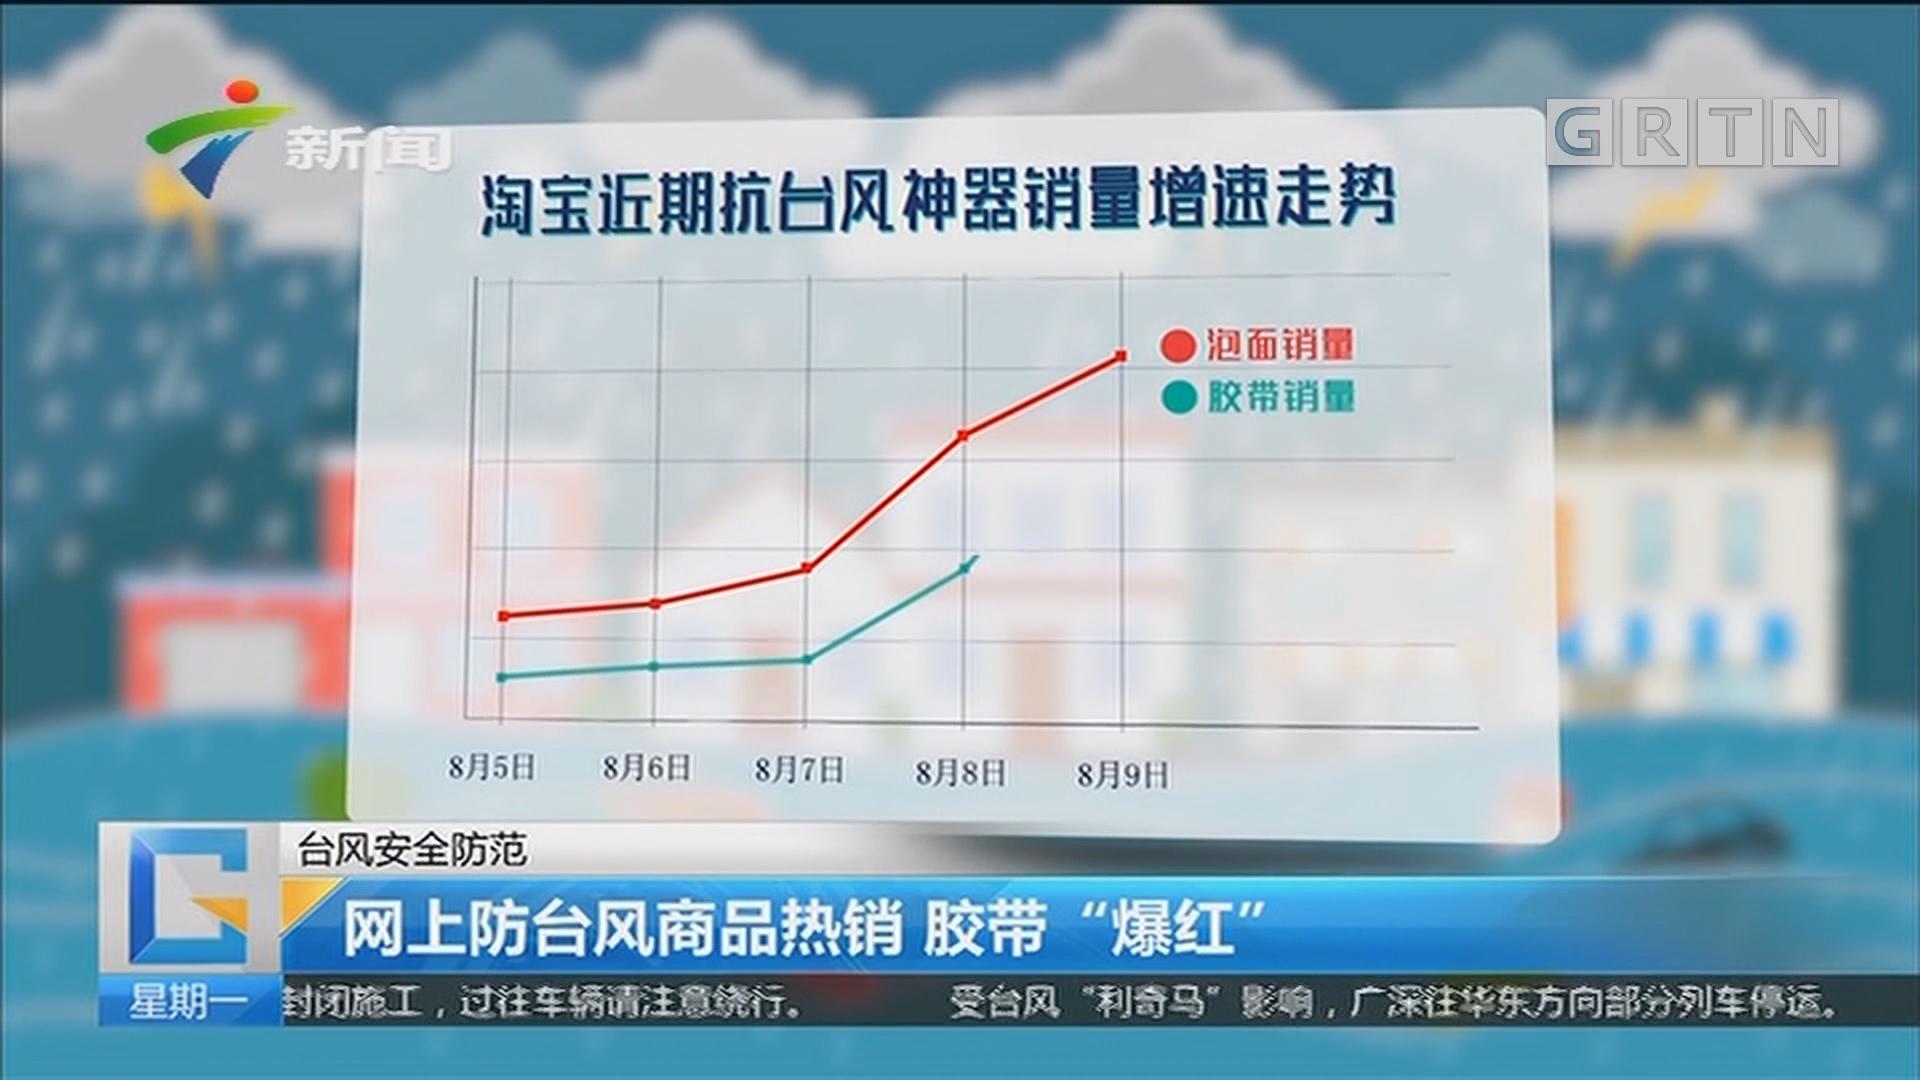 """台风安全防范:网上防台风商品热销 胶带""""爆红"""""""